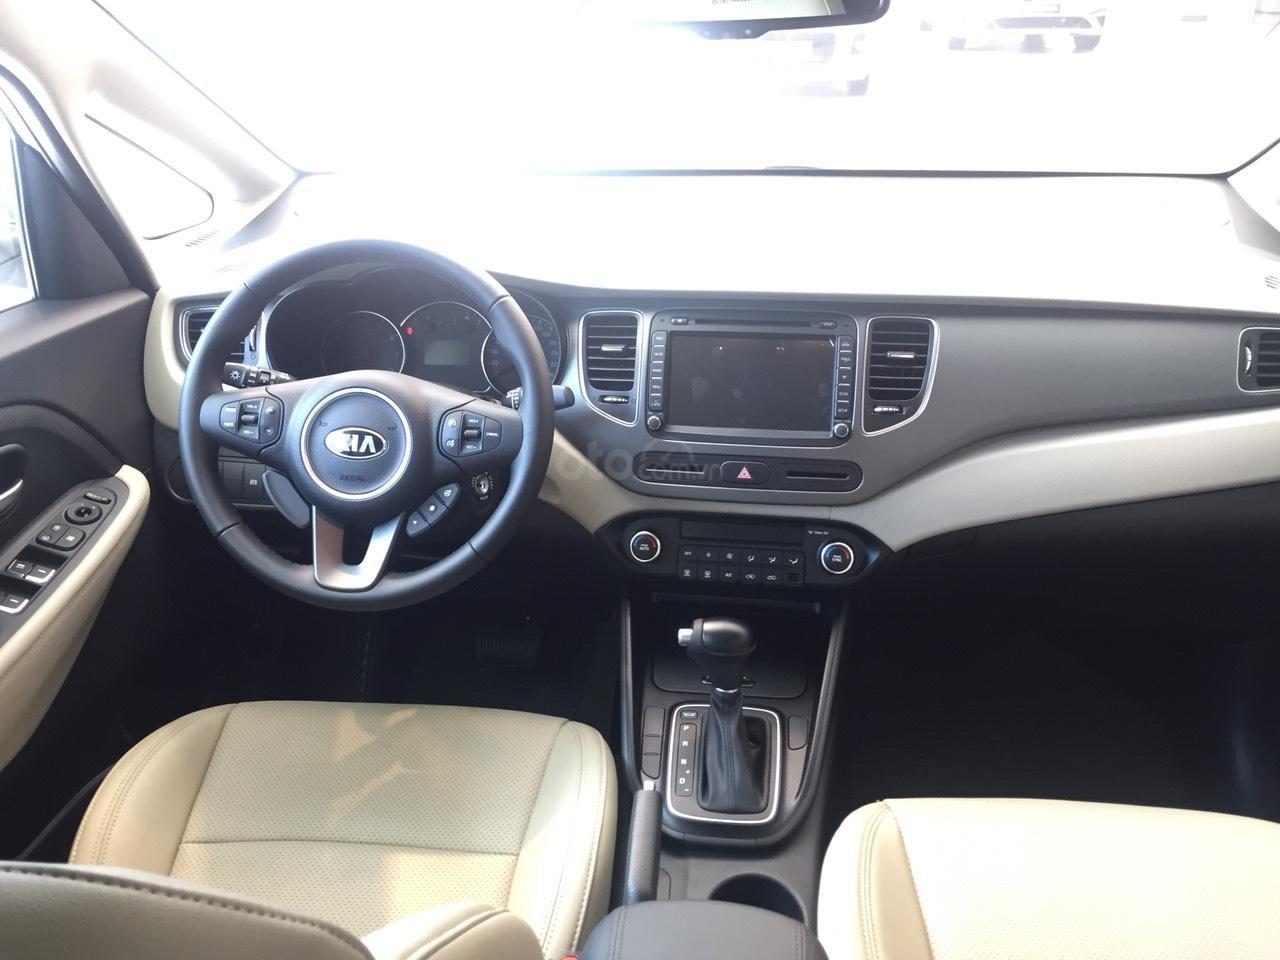 Bán xe Kia Rondo sản xuất năm 2019-4